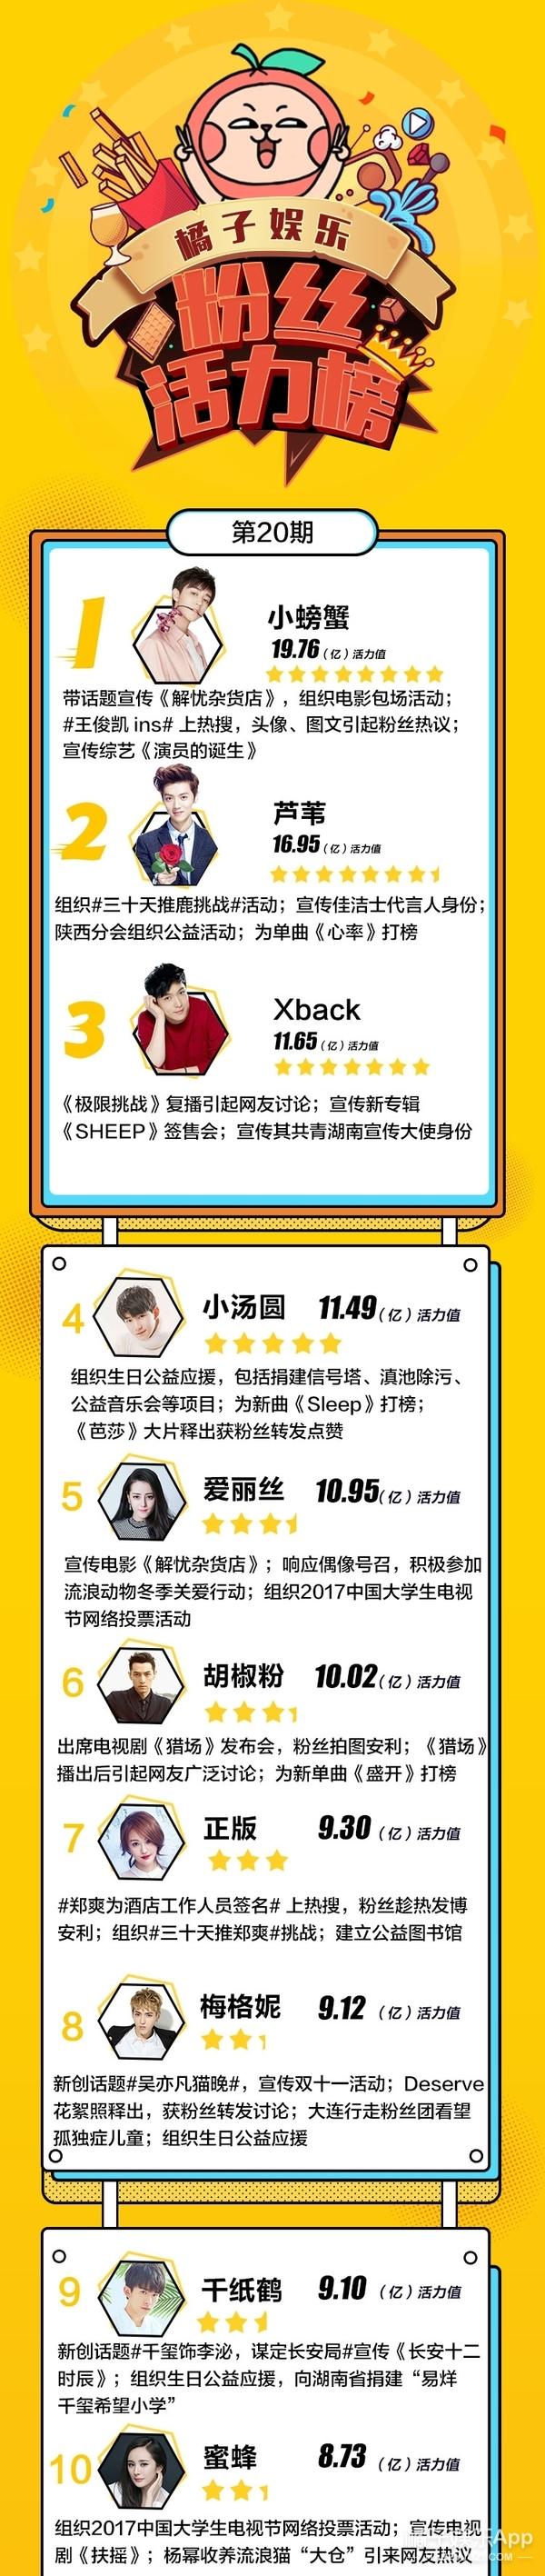 """粉丝活力榜出炉:王俊凯热巴在""""杂货店""""为你解忧,粉丝助力拔头筹"""